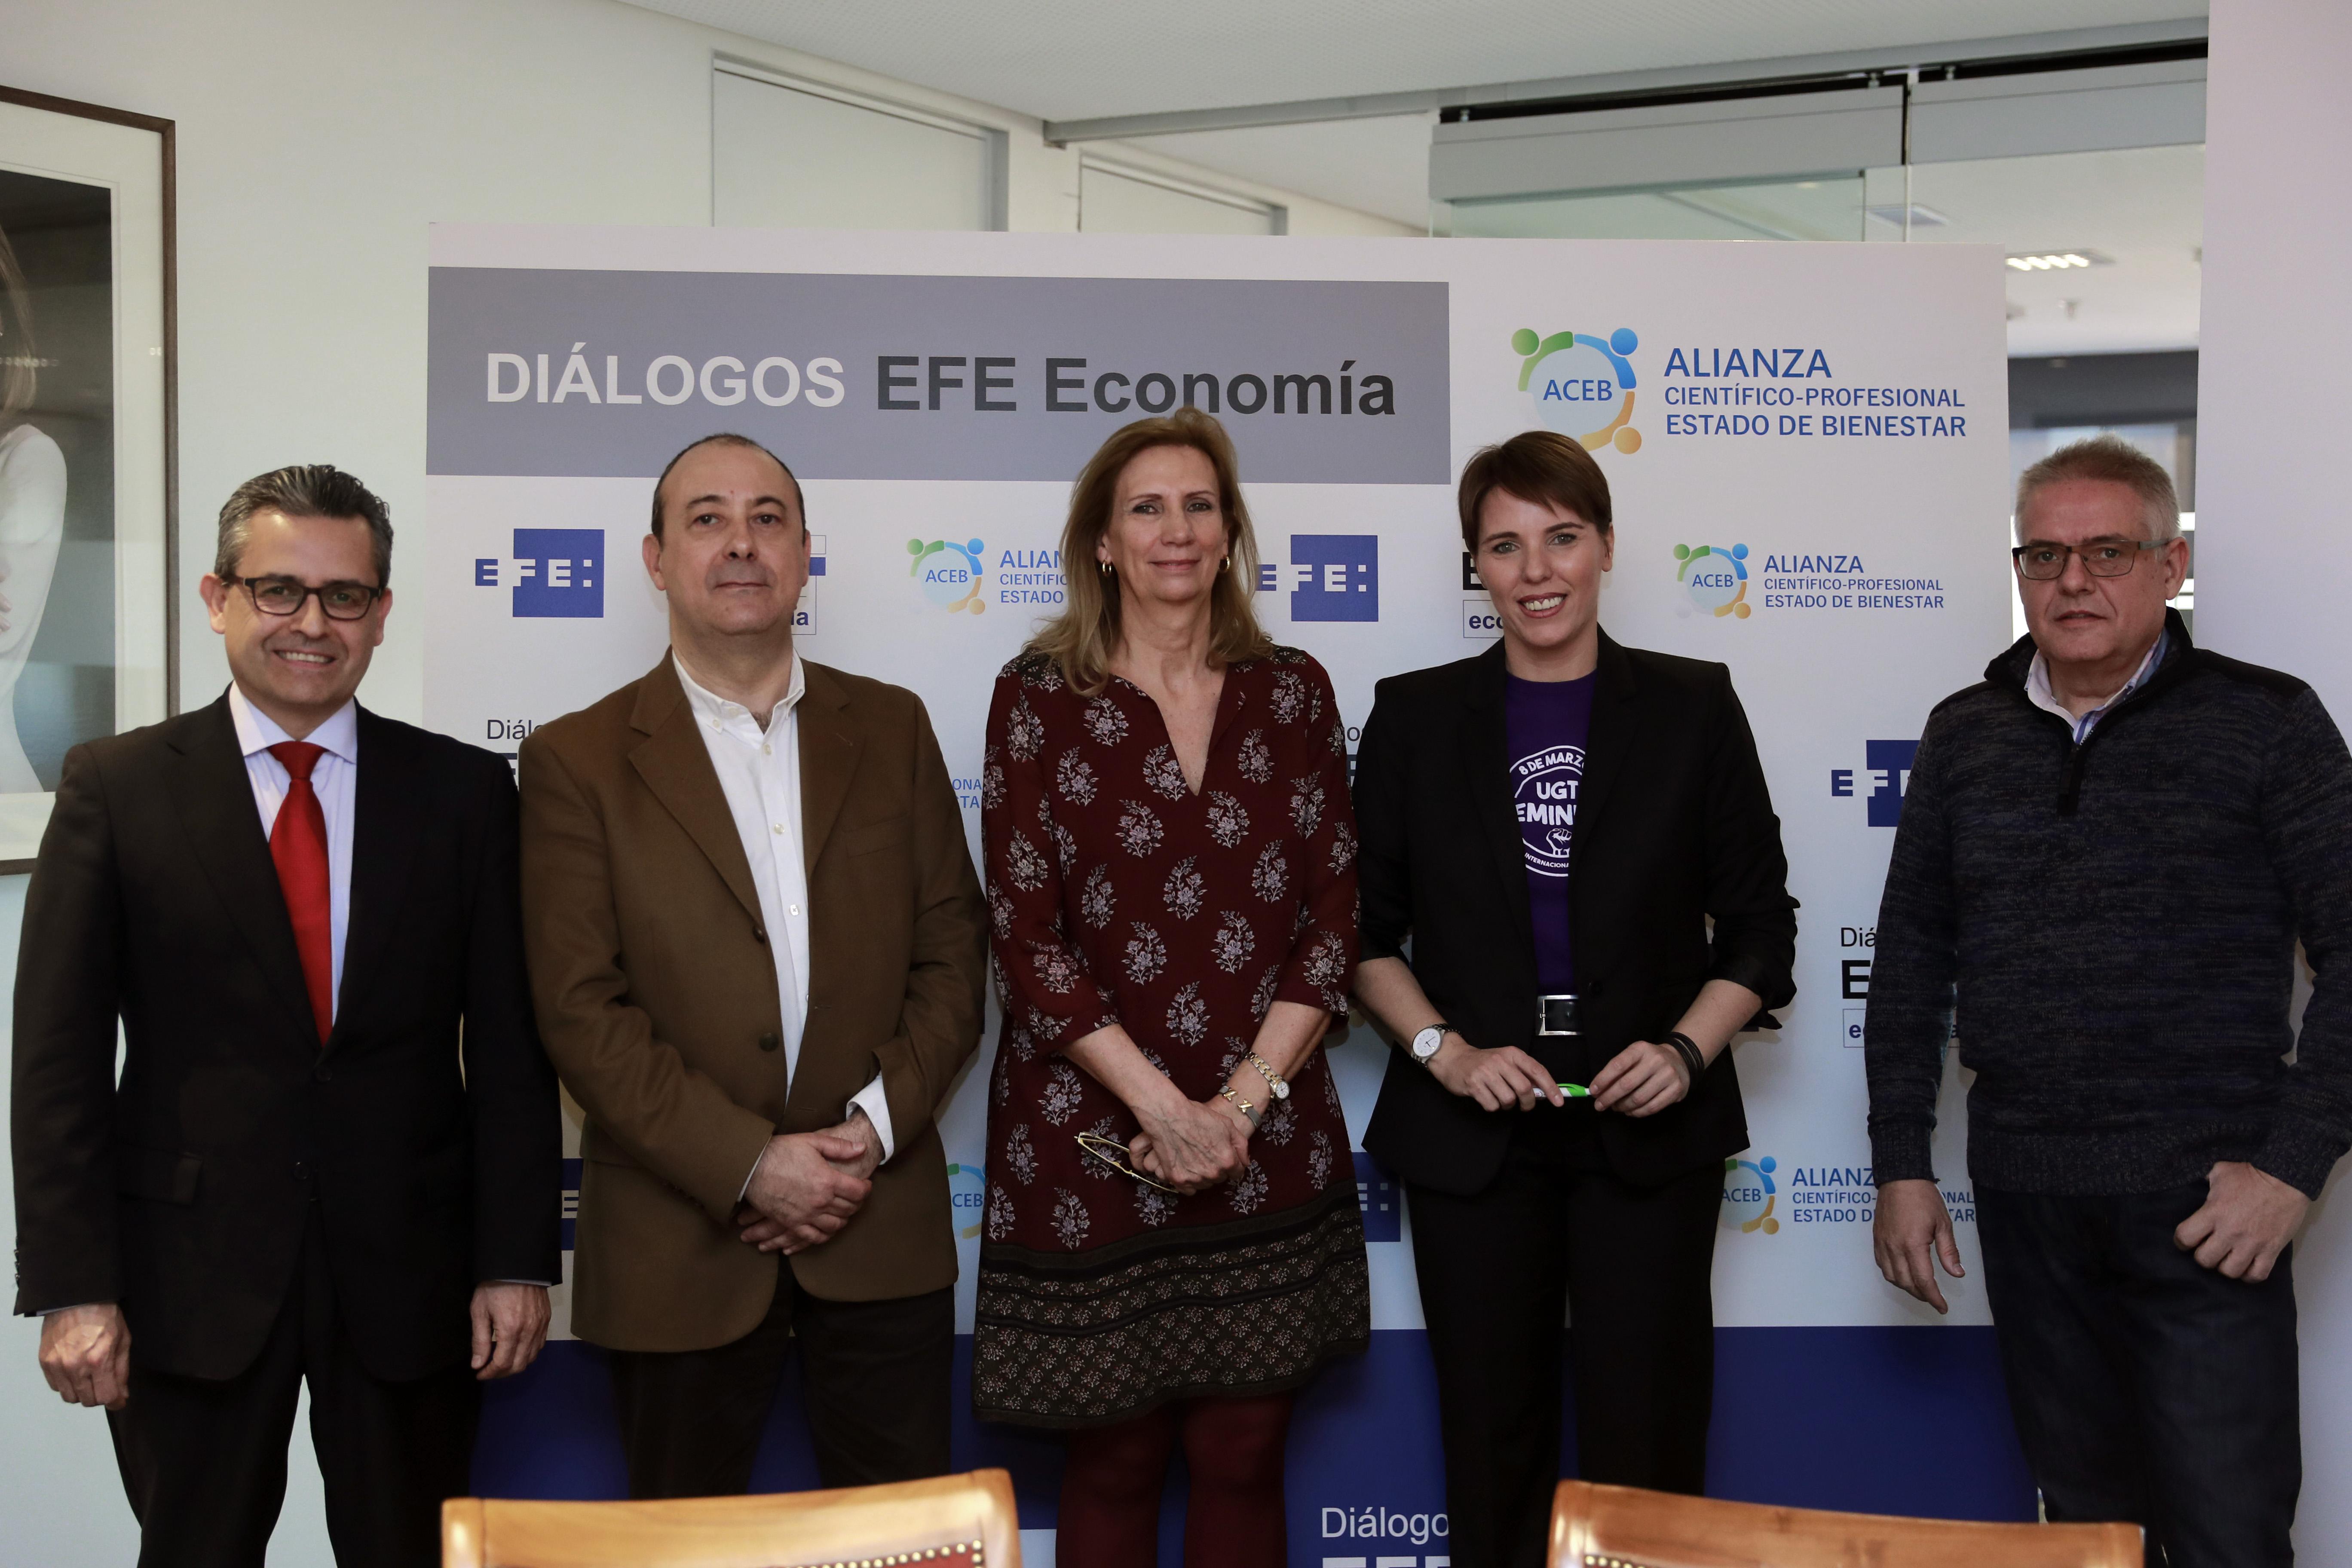 Encuento en Agencia EFE. Febrero 2019